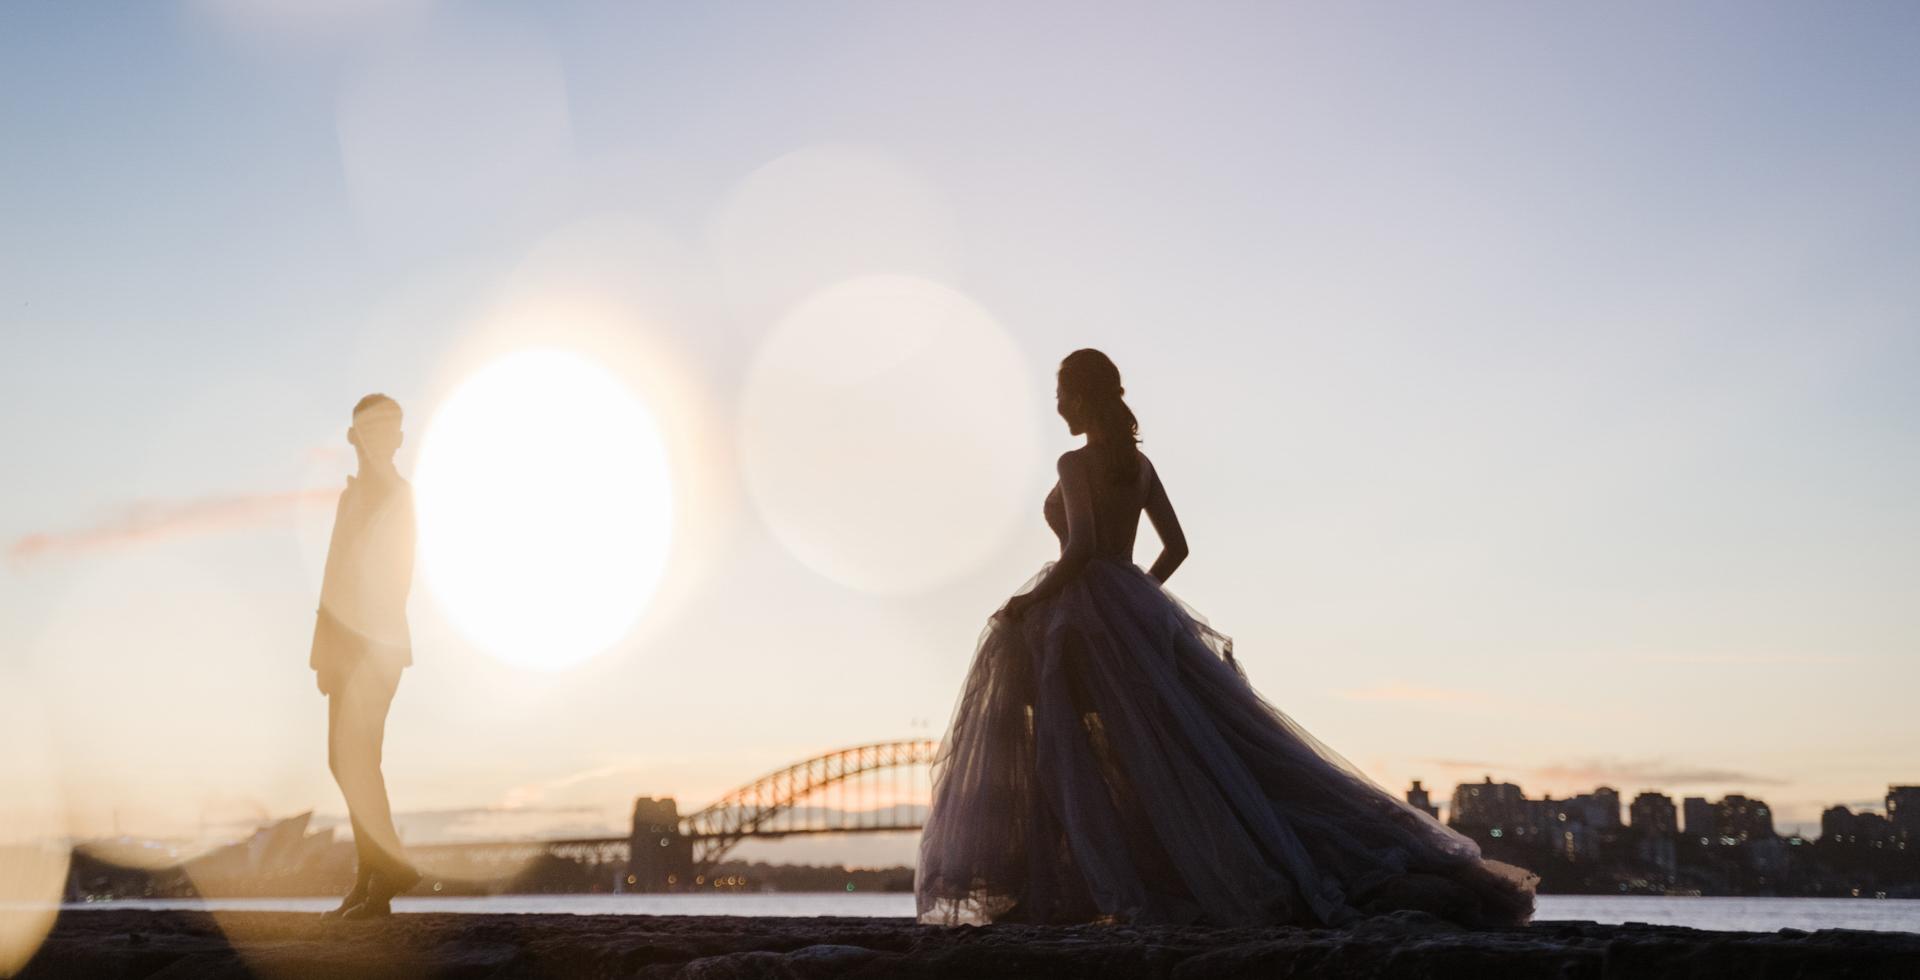 雪梨婚紗攝影,悉尼婚紗照,澳大利亞婚紗旅拍,澳大利亞婚紗攝影,墨爾本婚紗攝影,墨爾本婚紗照,悉尼婚纱摄影,悉尼婚纱照,墨尔本婚纱旅拍